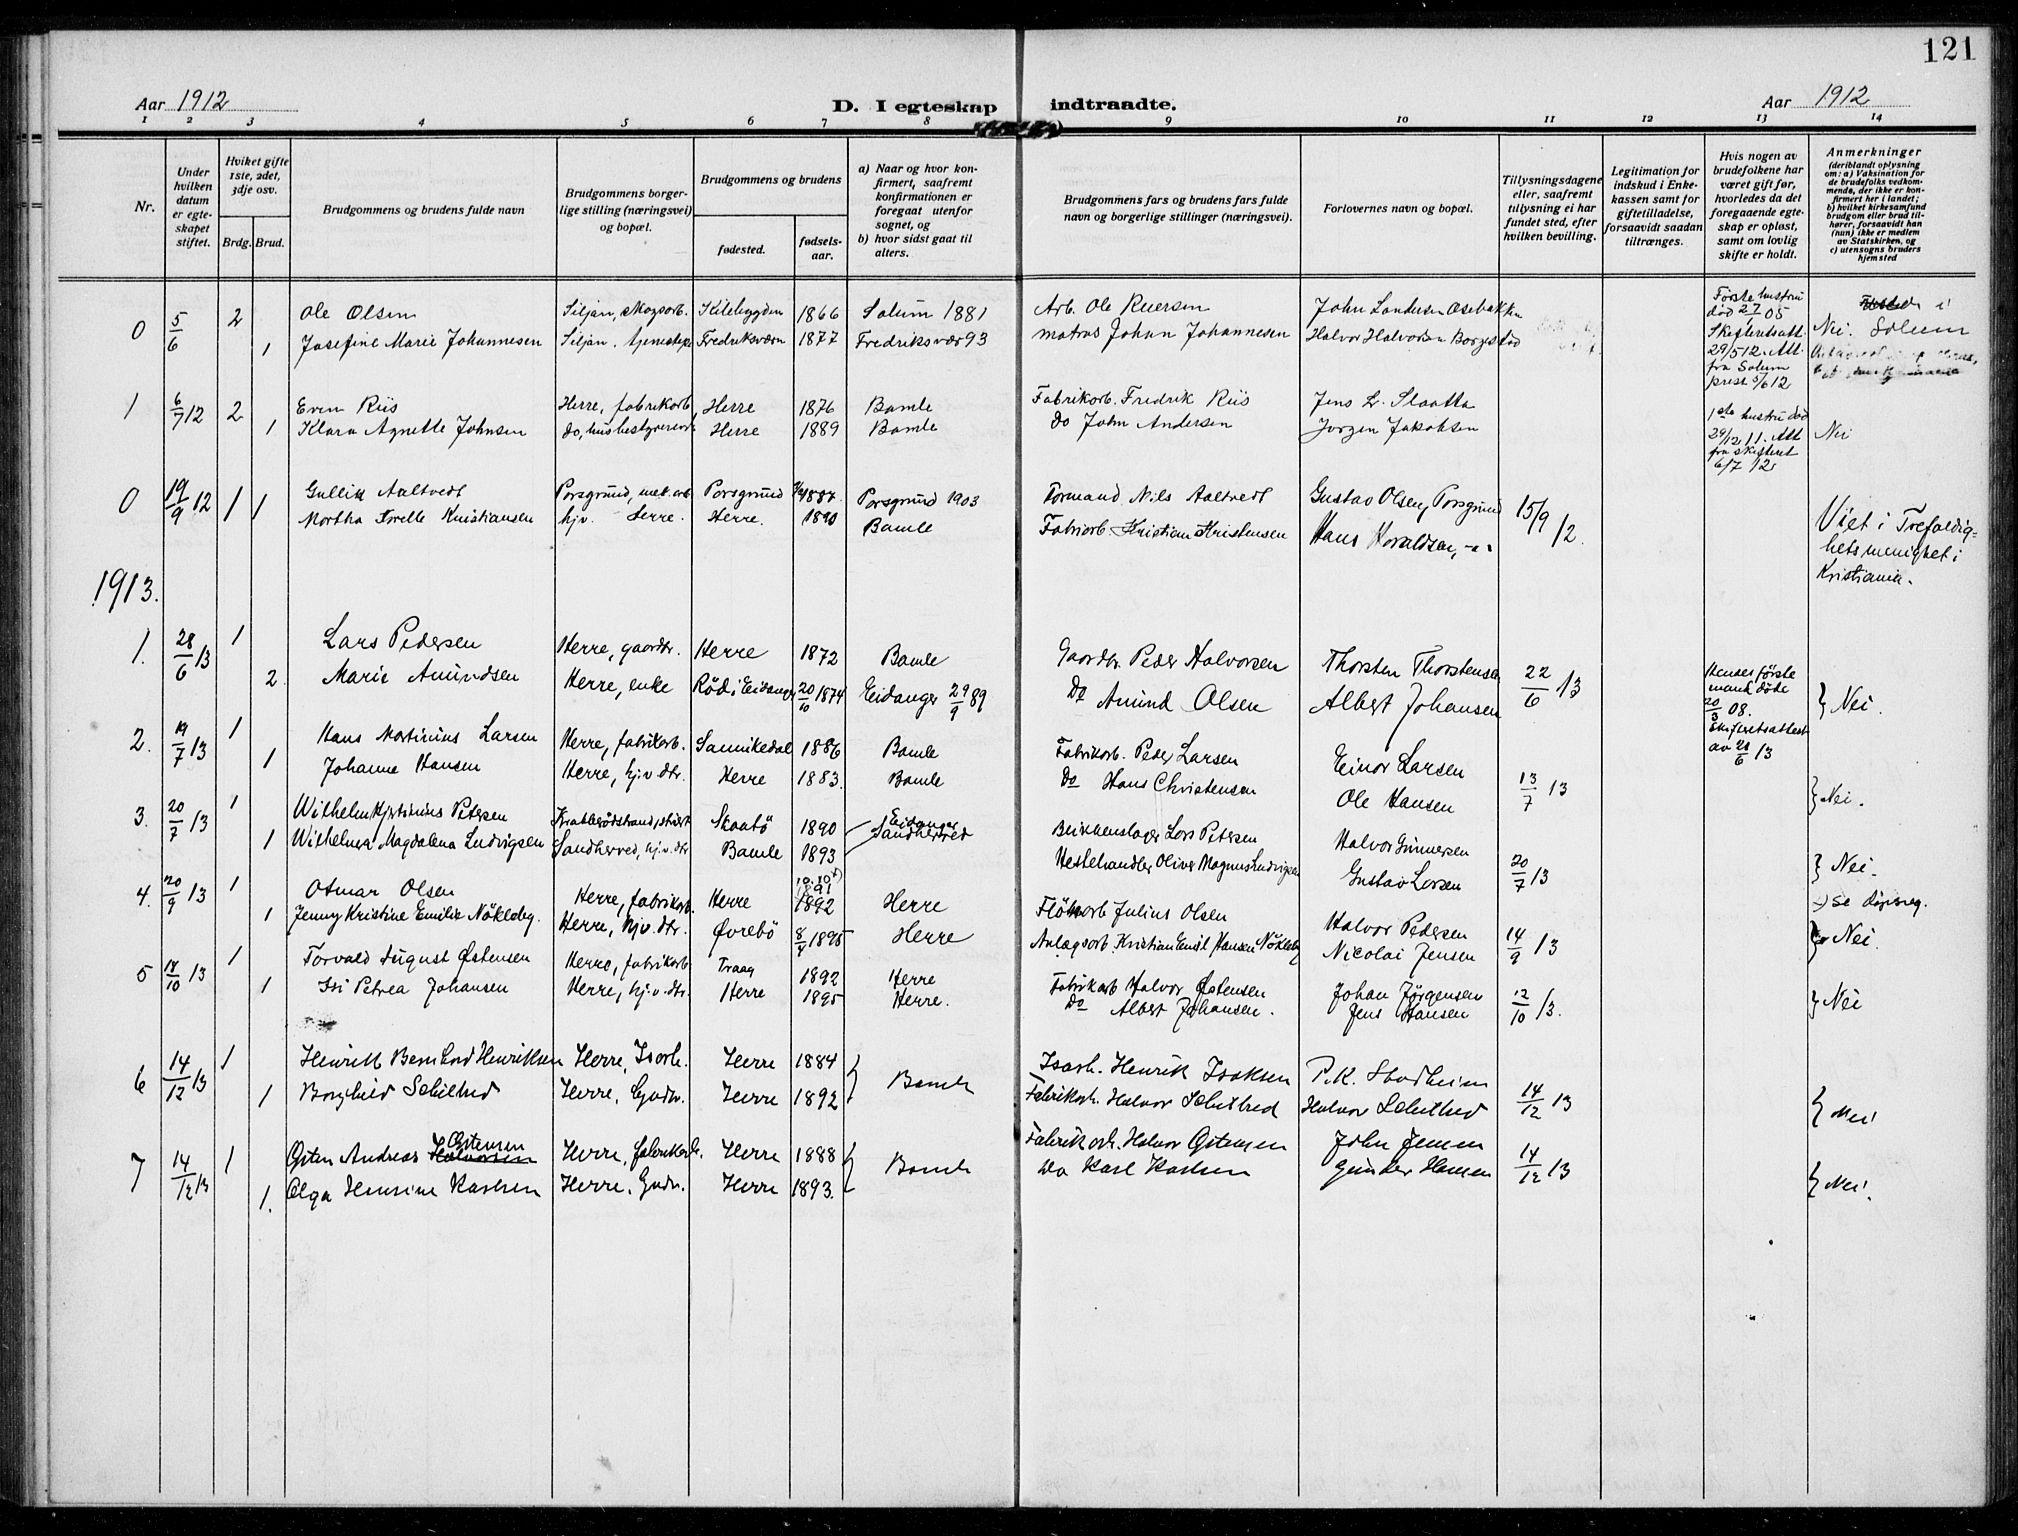 SAKO, Bamble kirkebøker, F/Fc/L0001: Ministerialbok nr. III 1, 1909-1916, s. 121